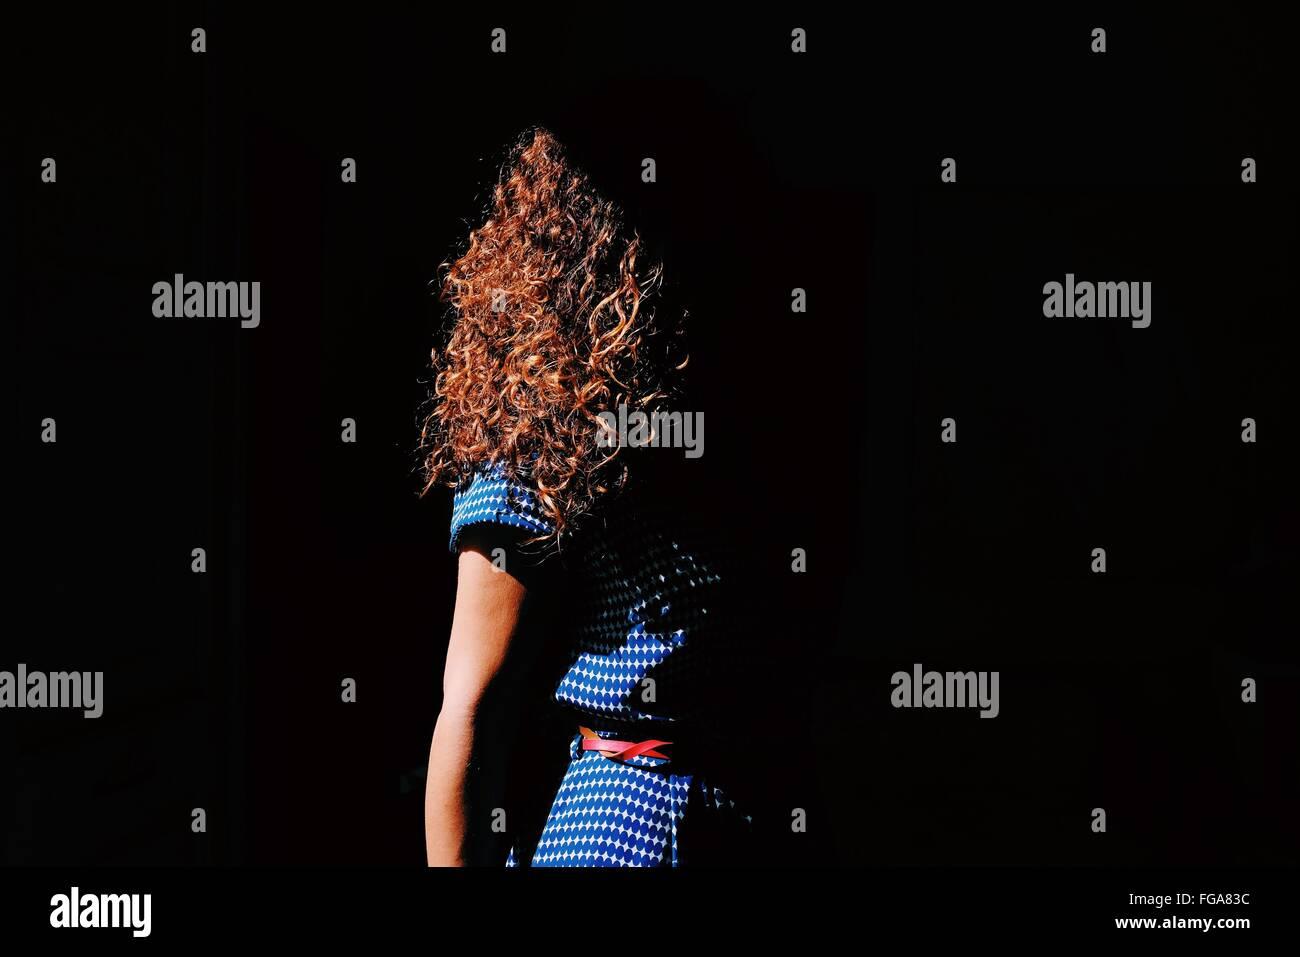 Marrone capelli ricci donna in presenza di luce solare Immagini Stock